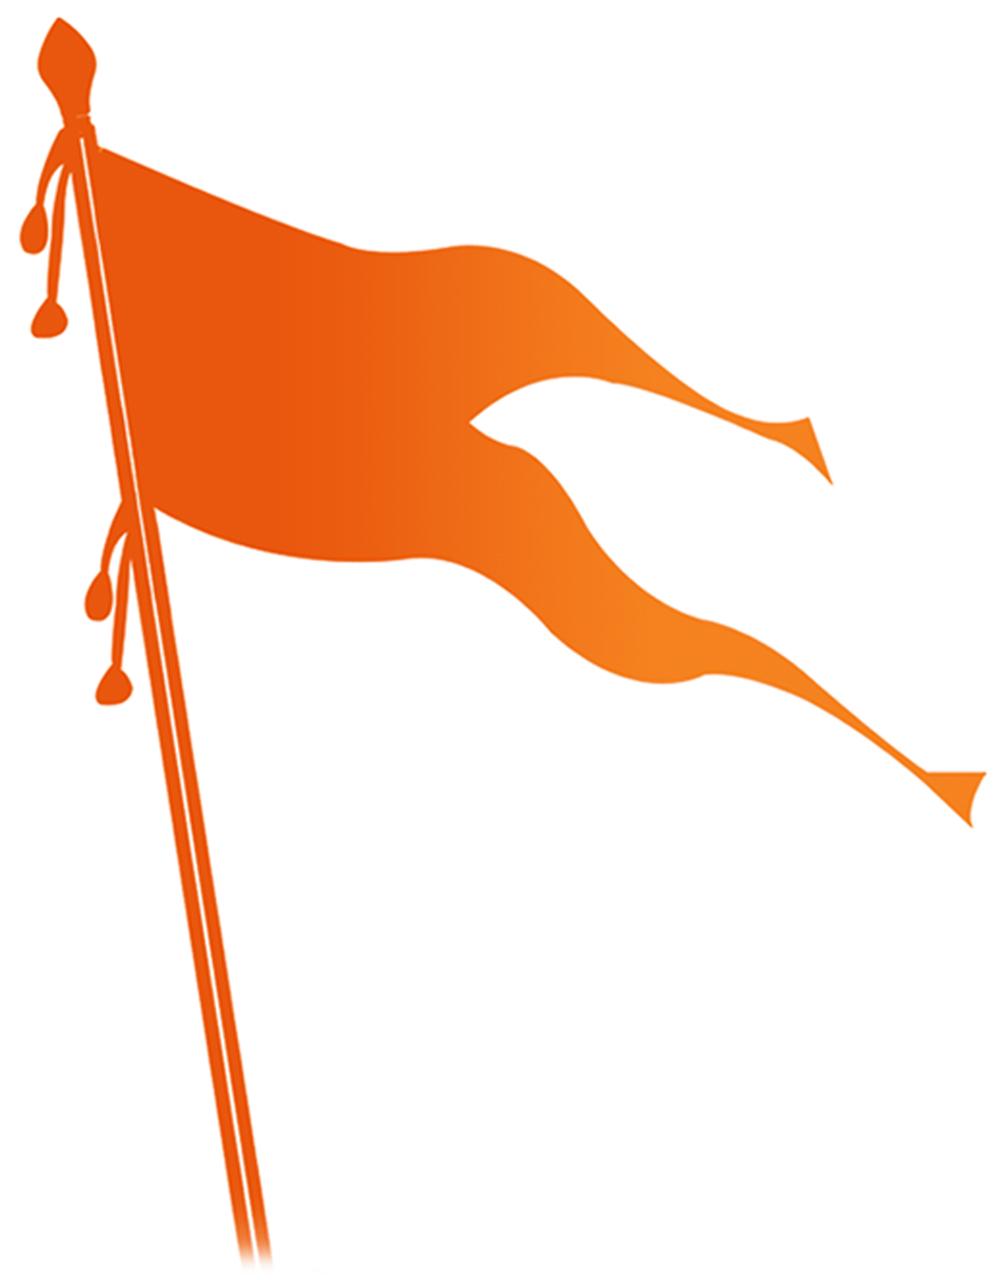 Shivaji maharaj flag clipart jpg library library Shiv sena logo jpg library library